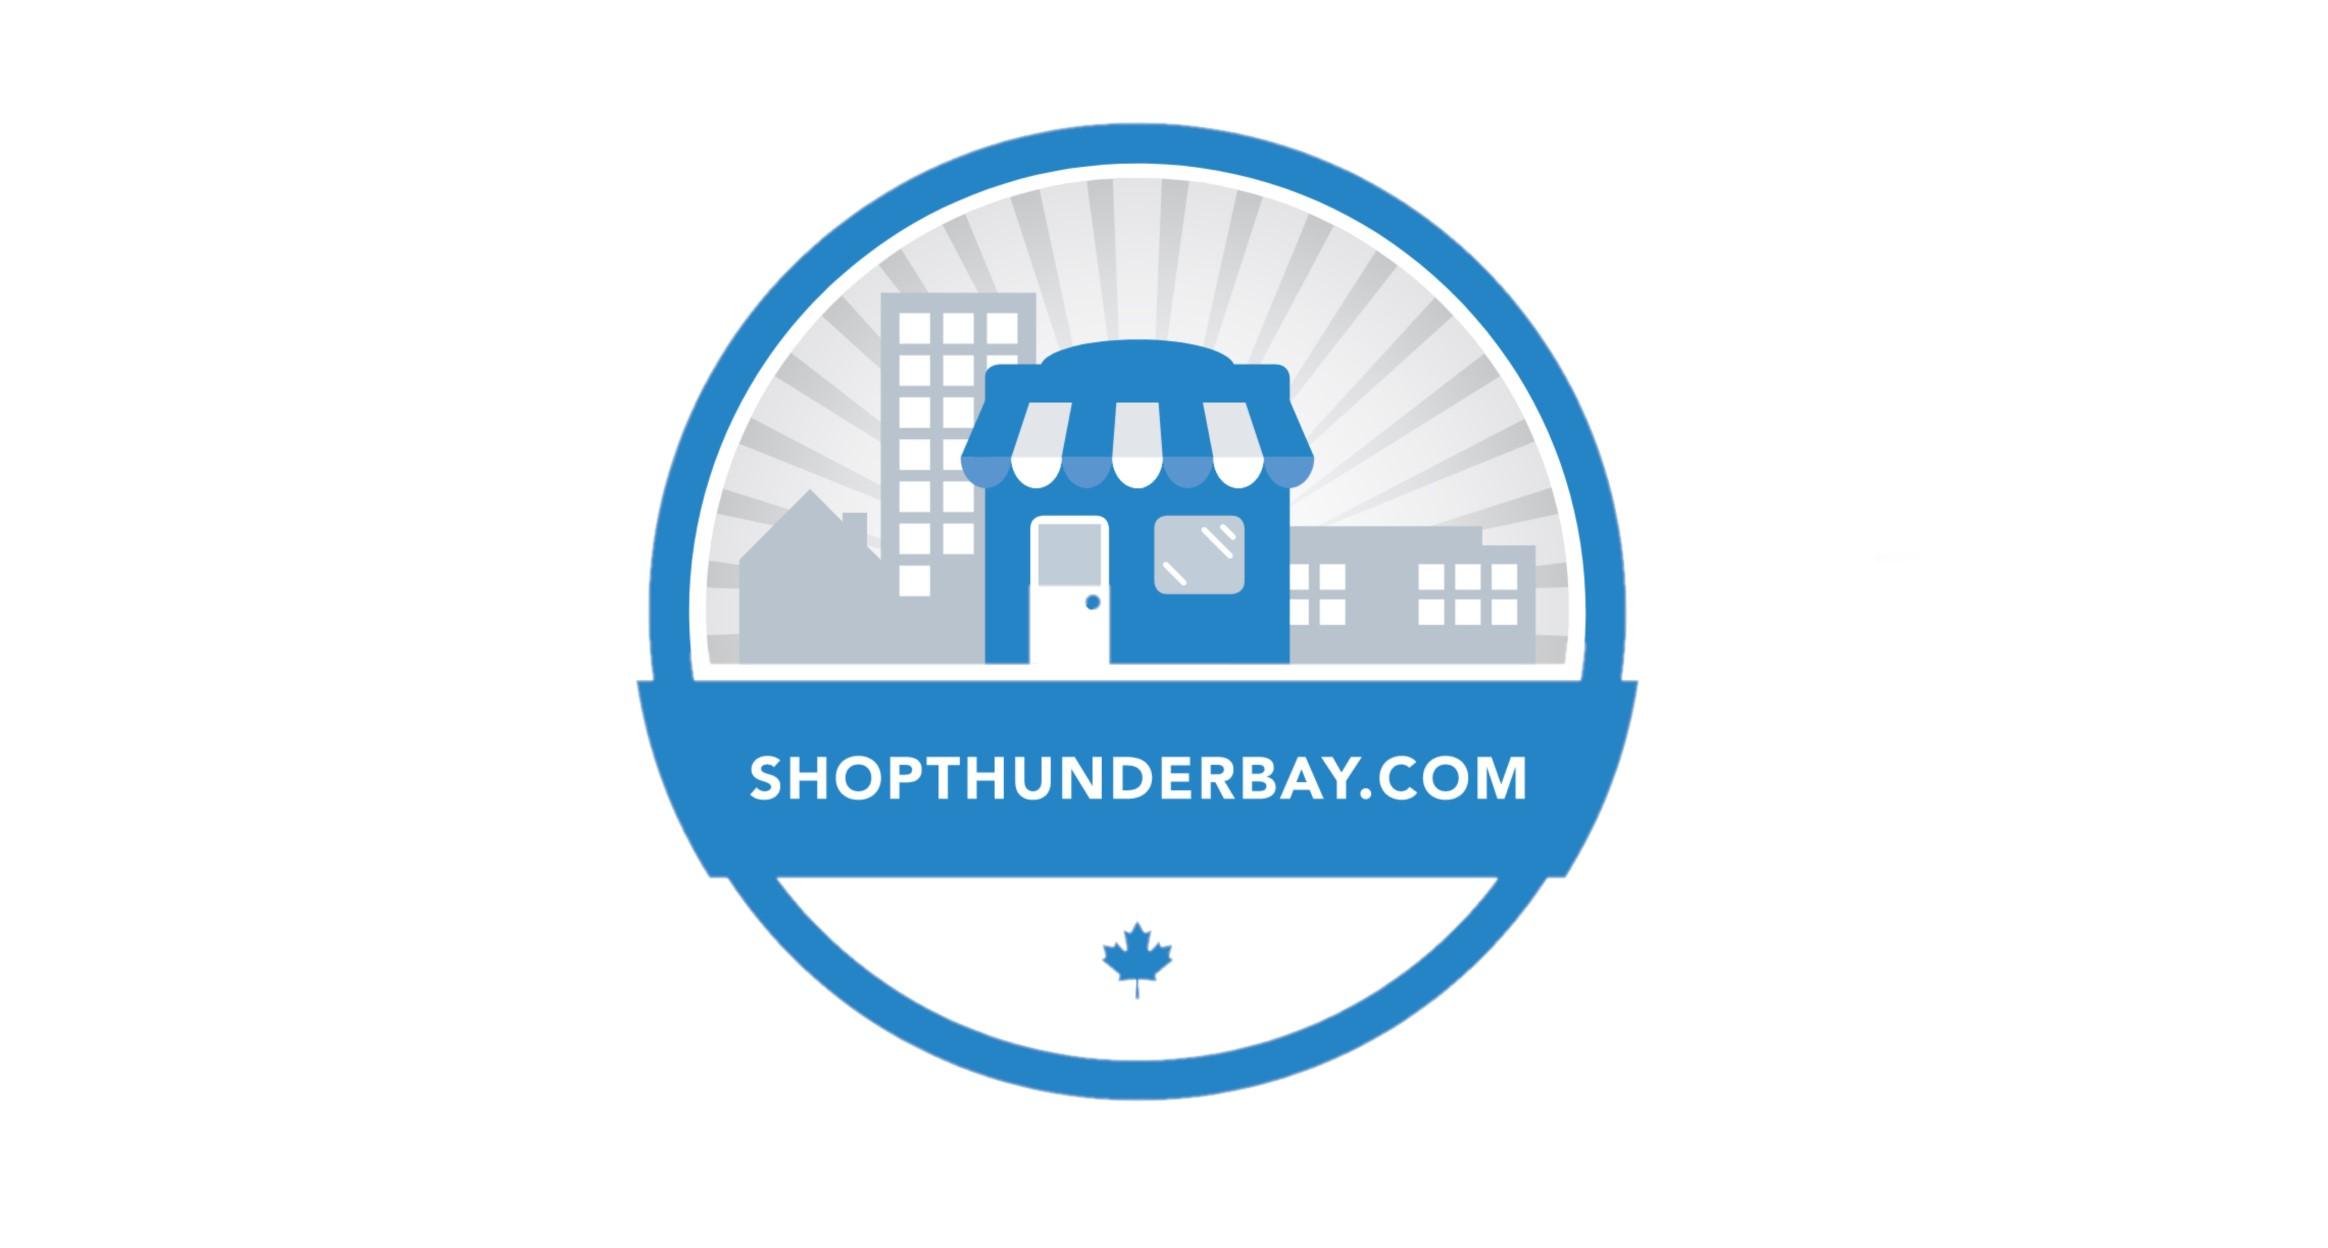 ShopThunderBay.com